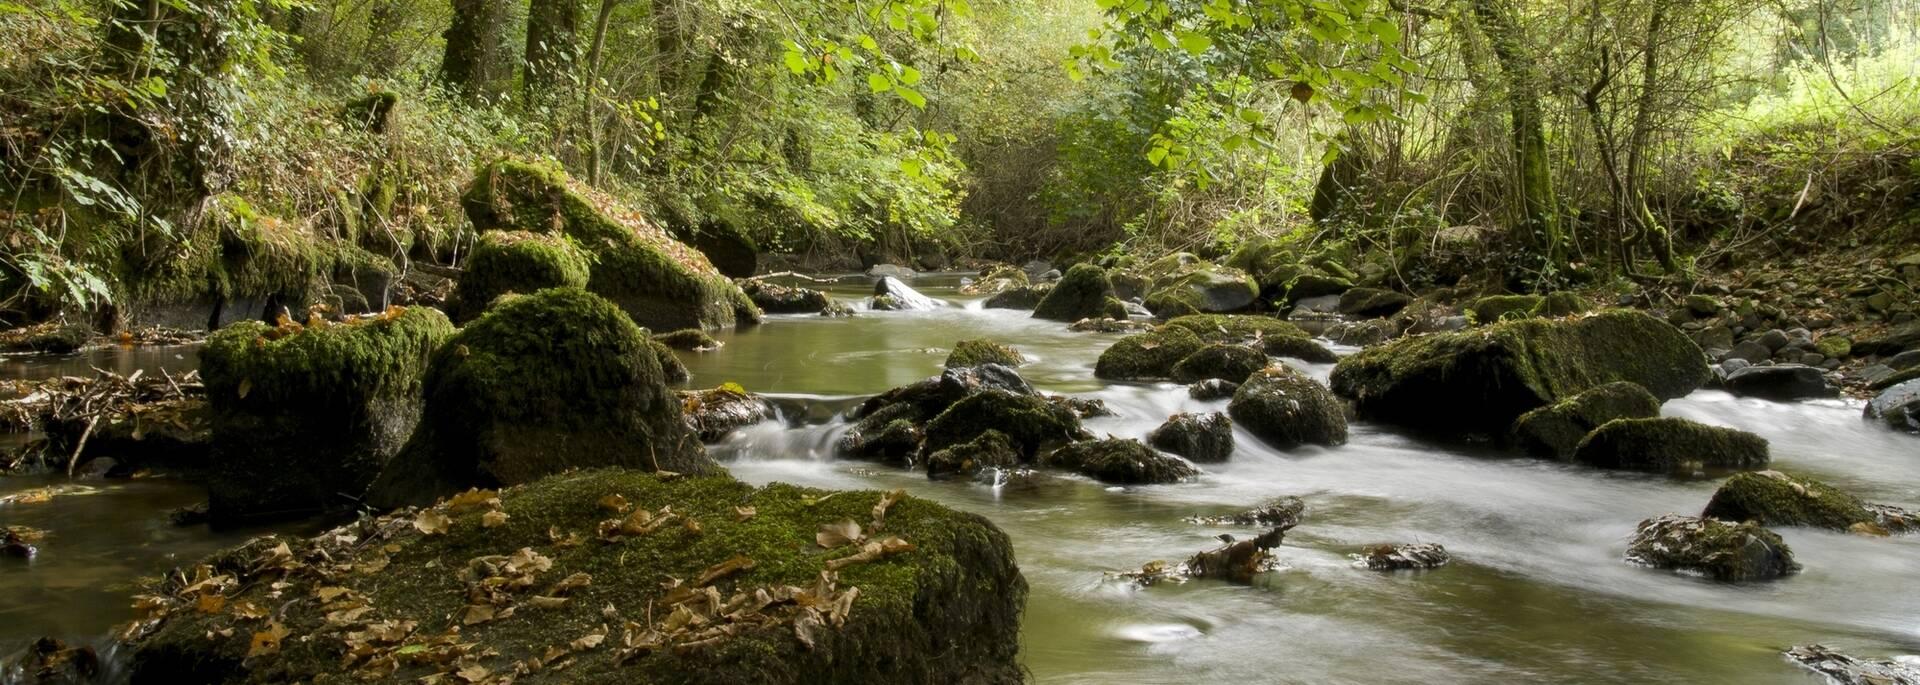 Rivière du Léguer ©S. Jouon